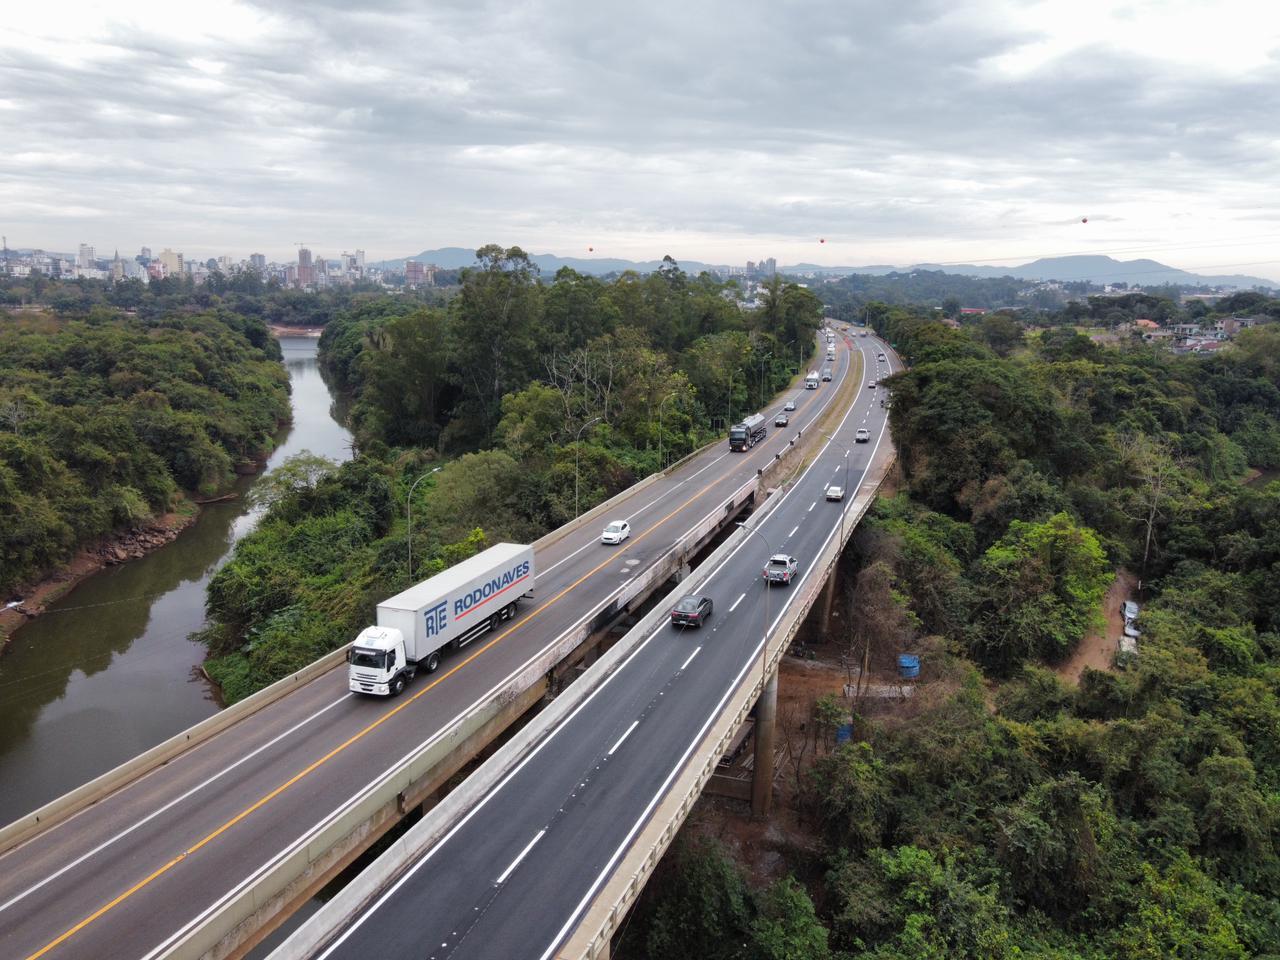 Liberado trânsito sobre a ponte do Arroio Boa Vista